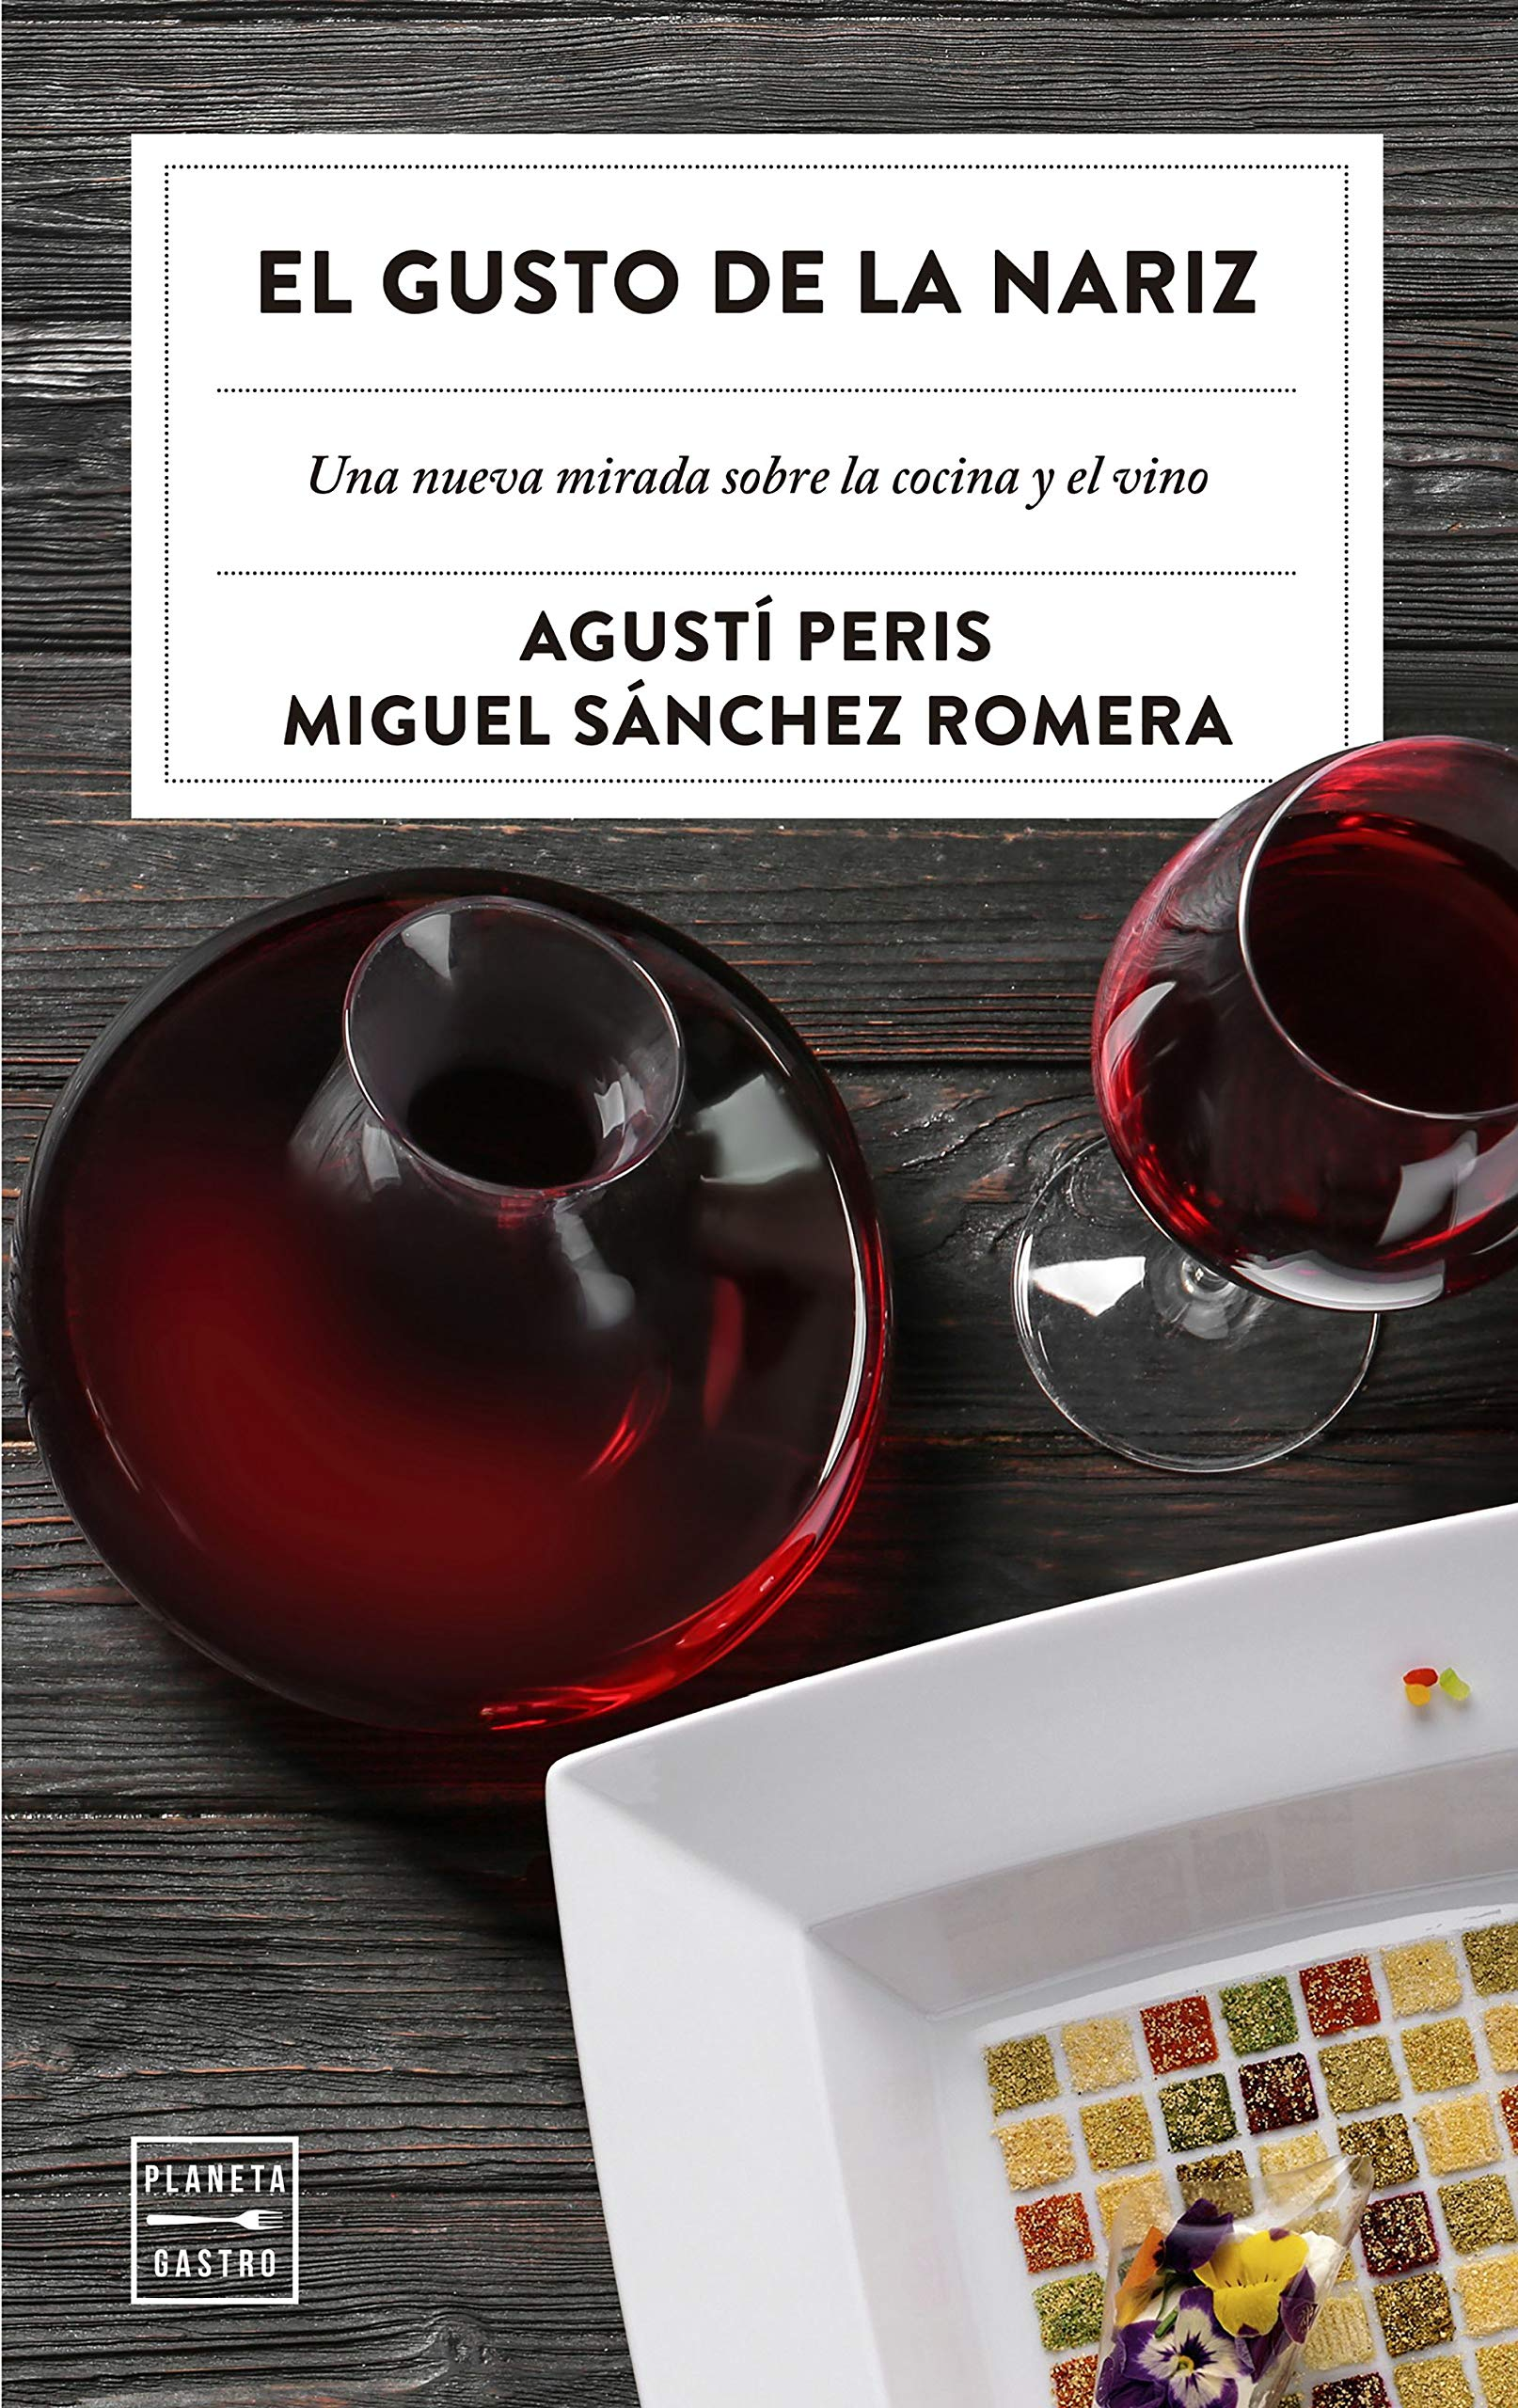 El gusto de la nariz: Una nueva mirada sobre la cocina y el vino (Ensayo)